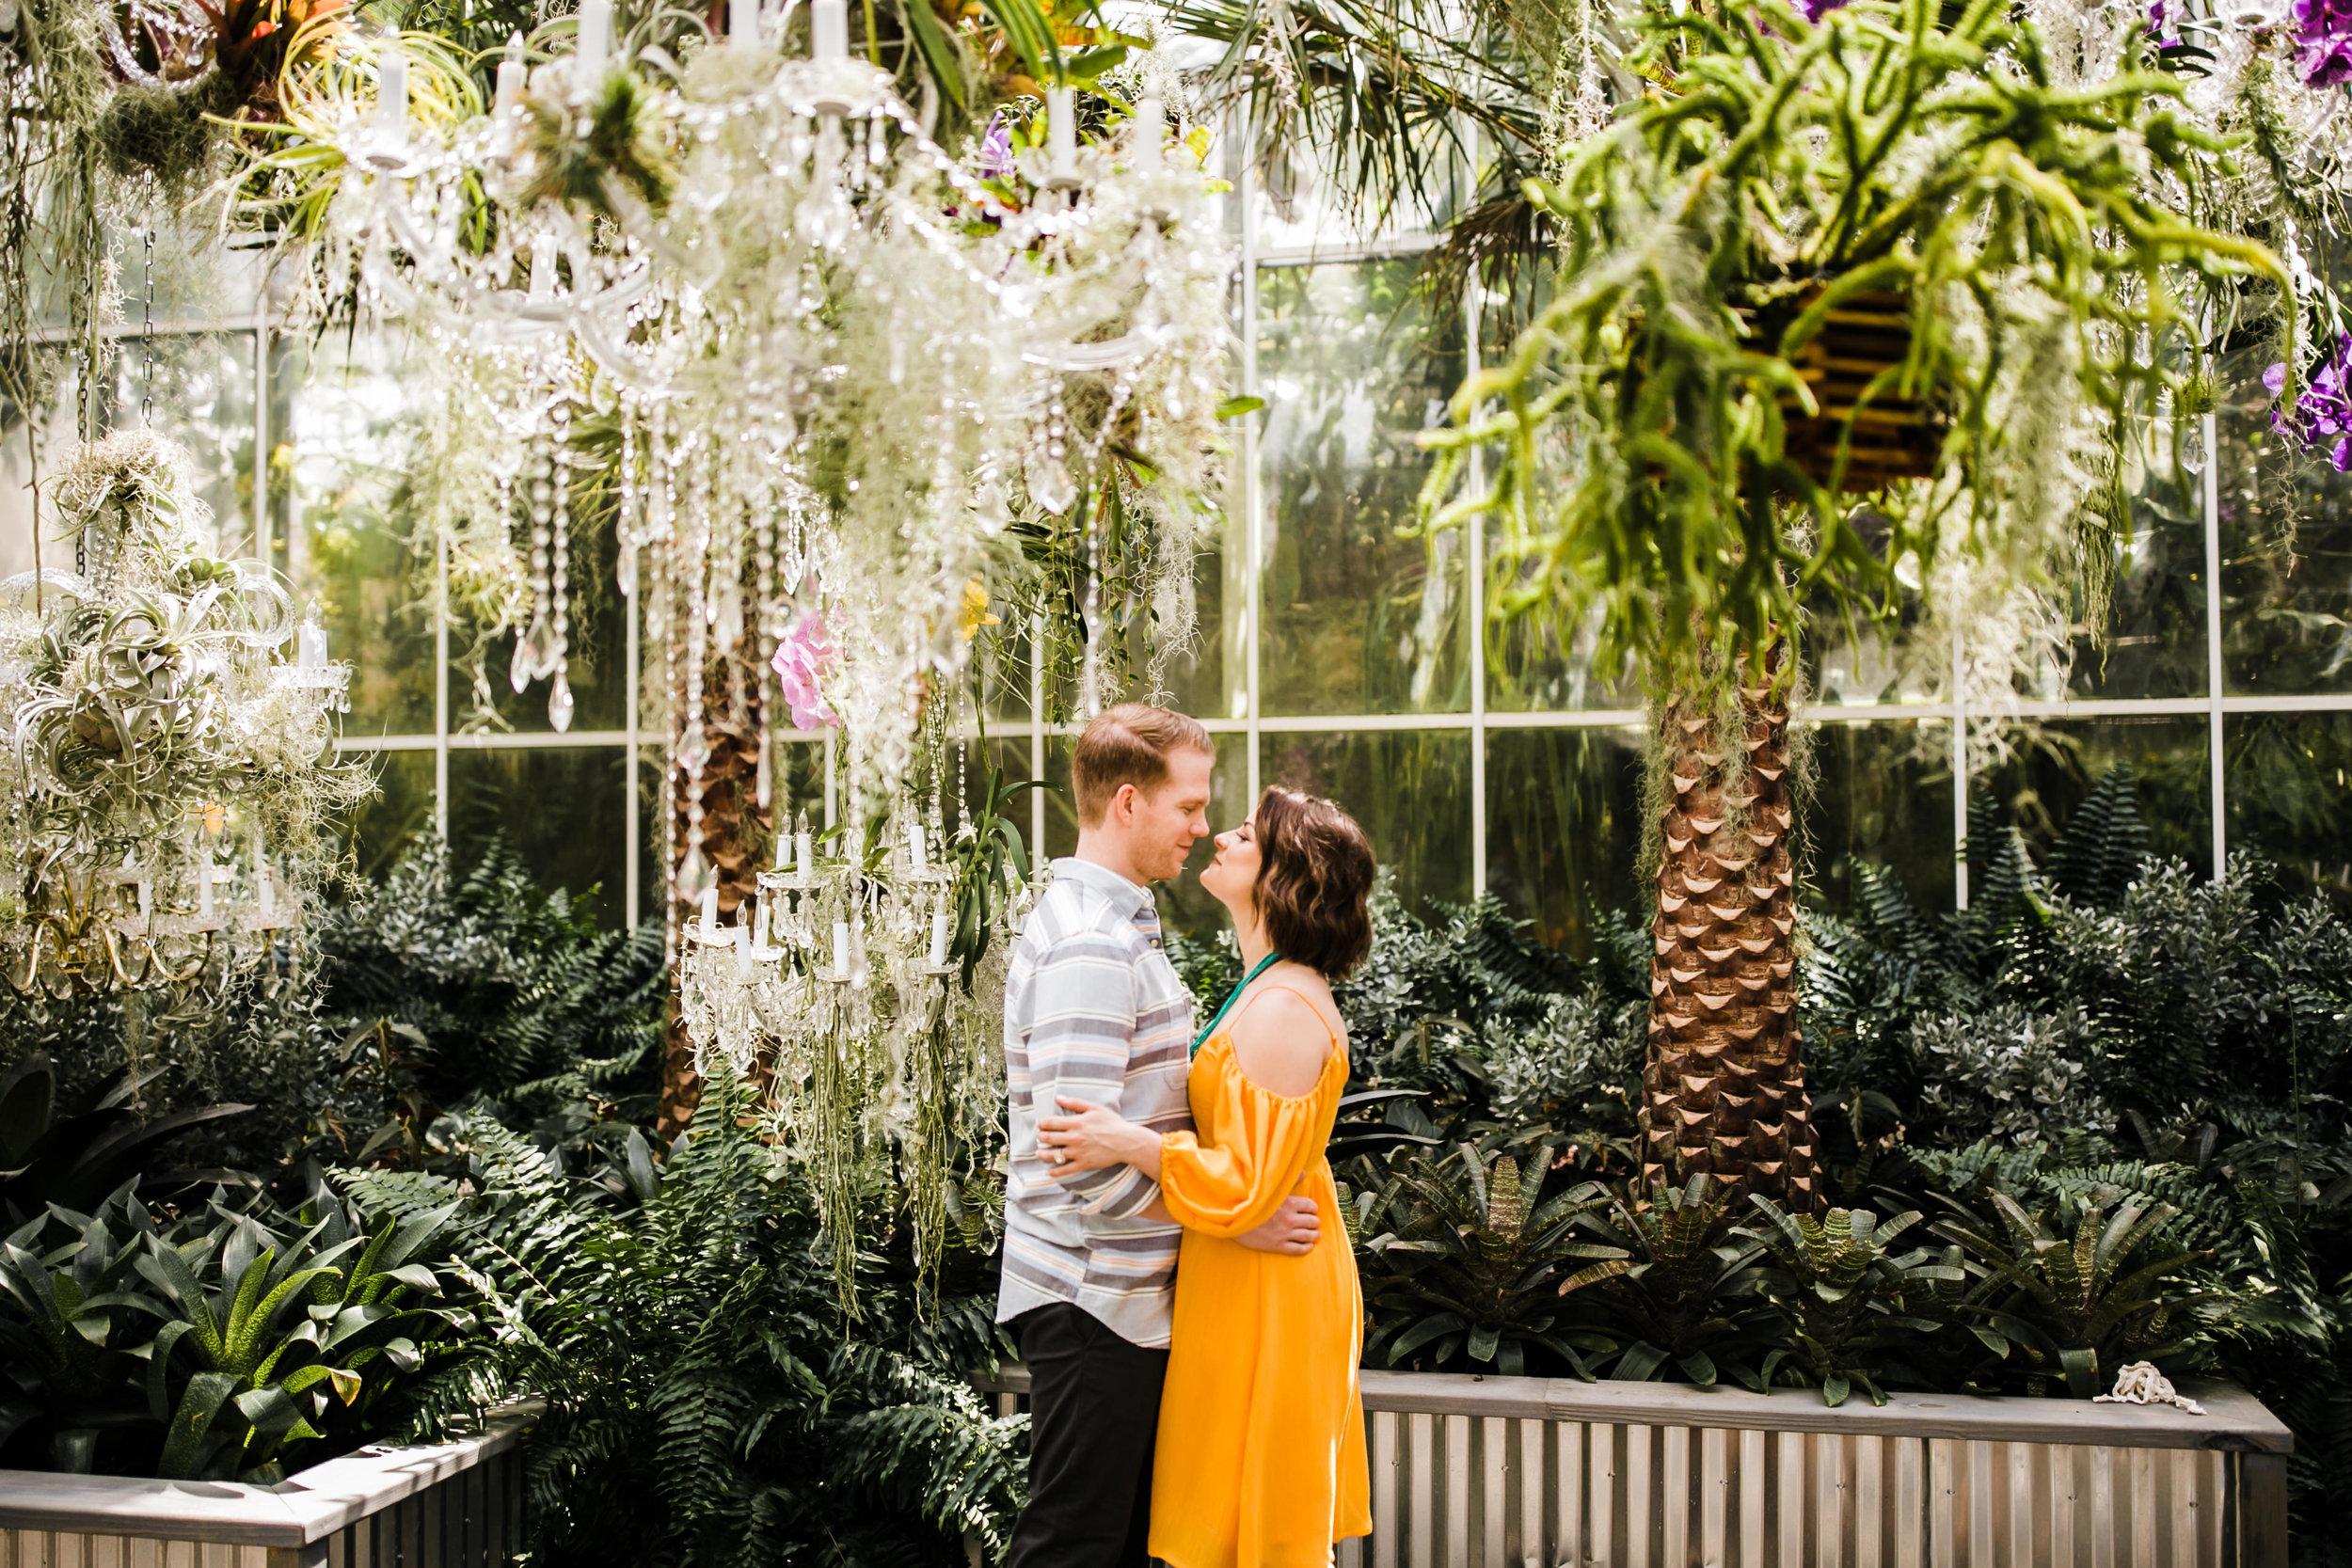 Karianne & Phillip Enagagement Session- Atlanta Botanical Gardens-73.jpg